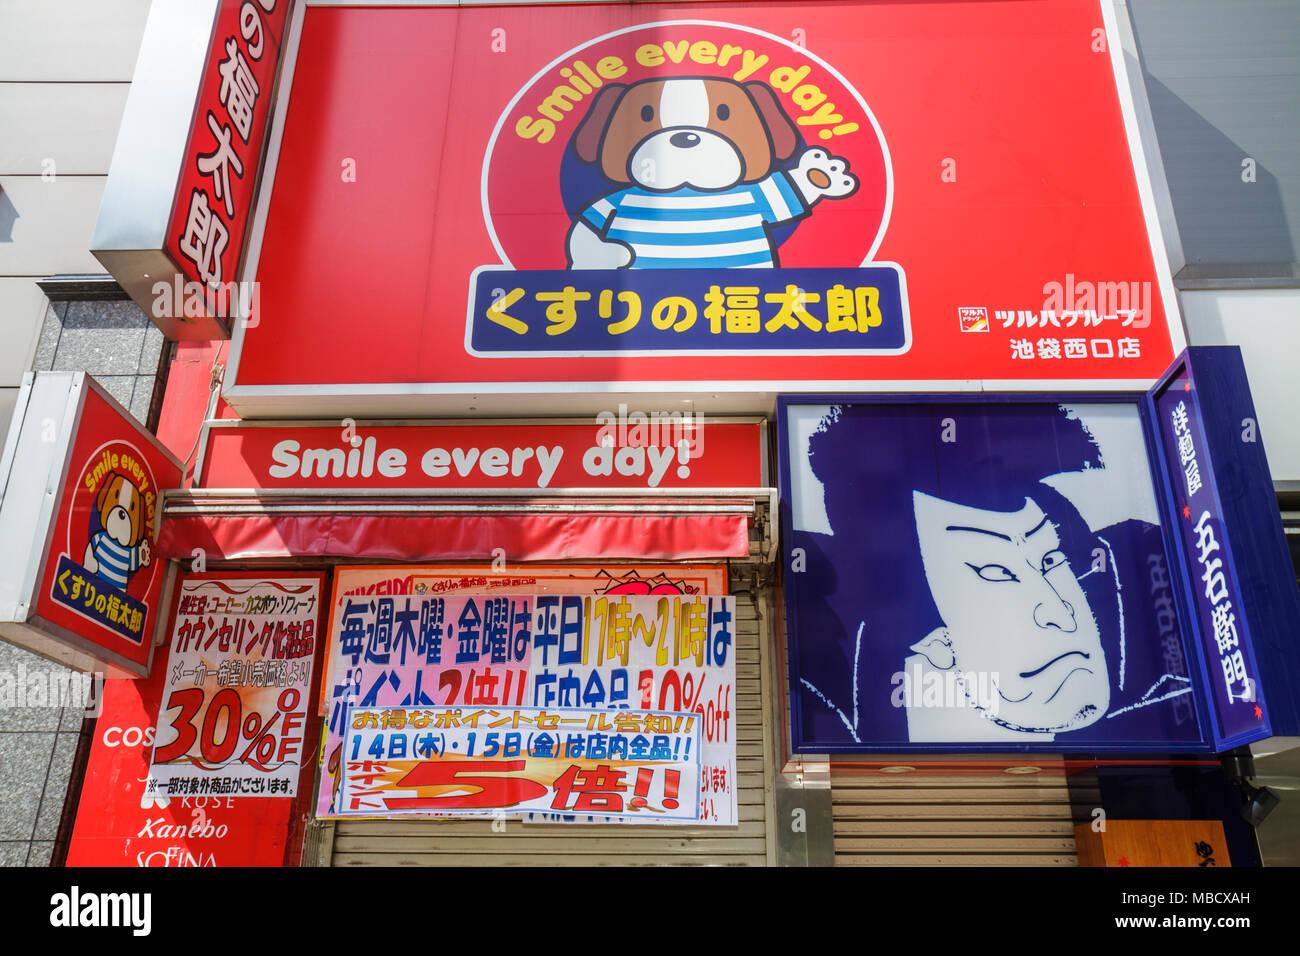 Tokyo Japan Ikebukuro Business Kanji Hiragana Katakana Characters